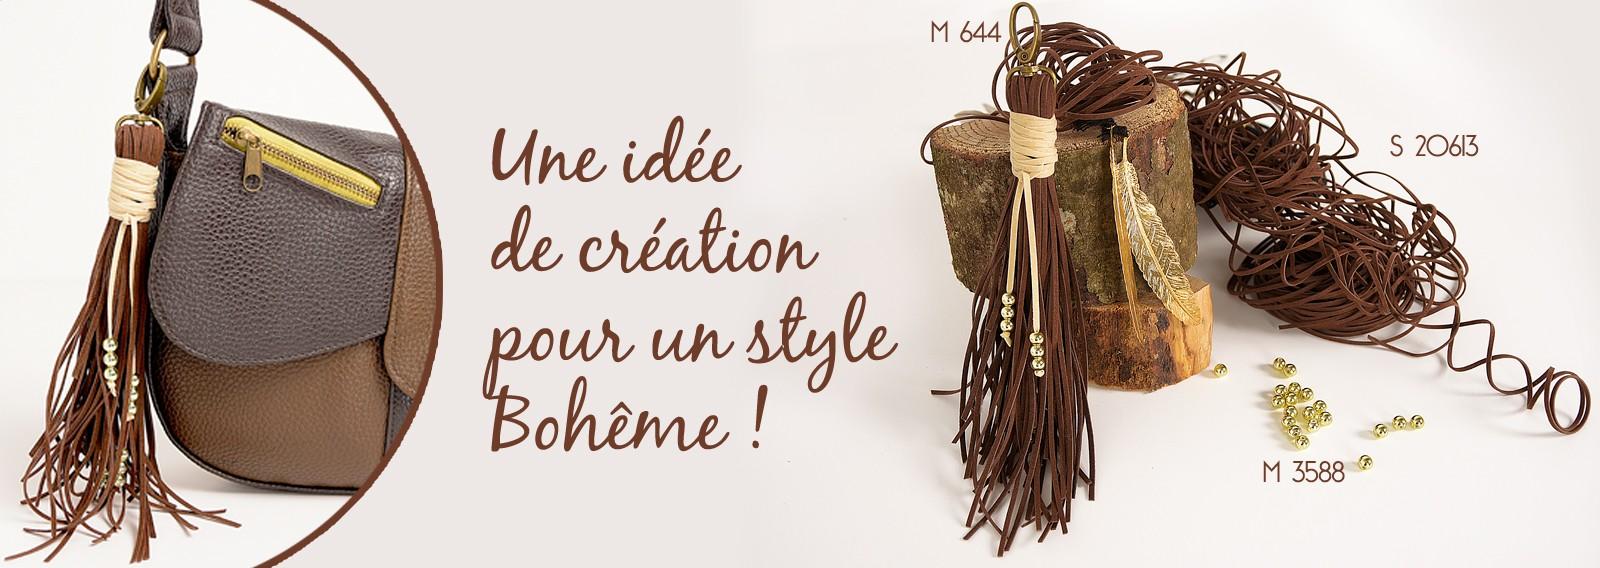 Une idée de création pour un style Bohême !